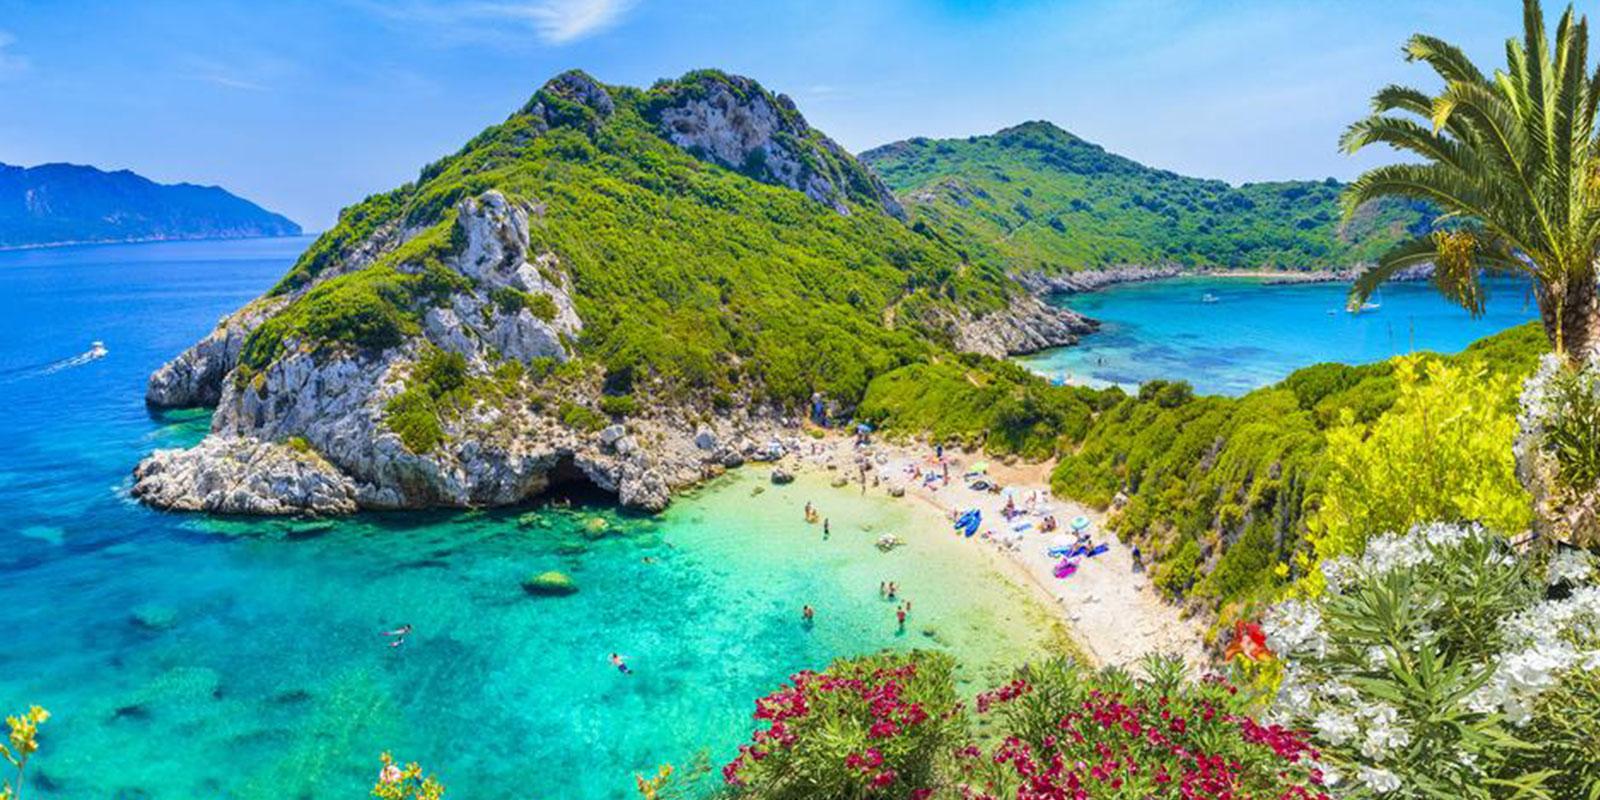 yunan adaları-corfu